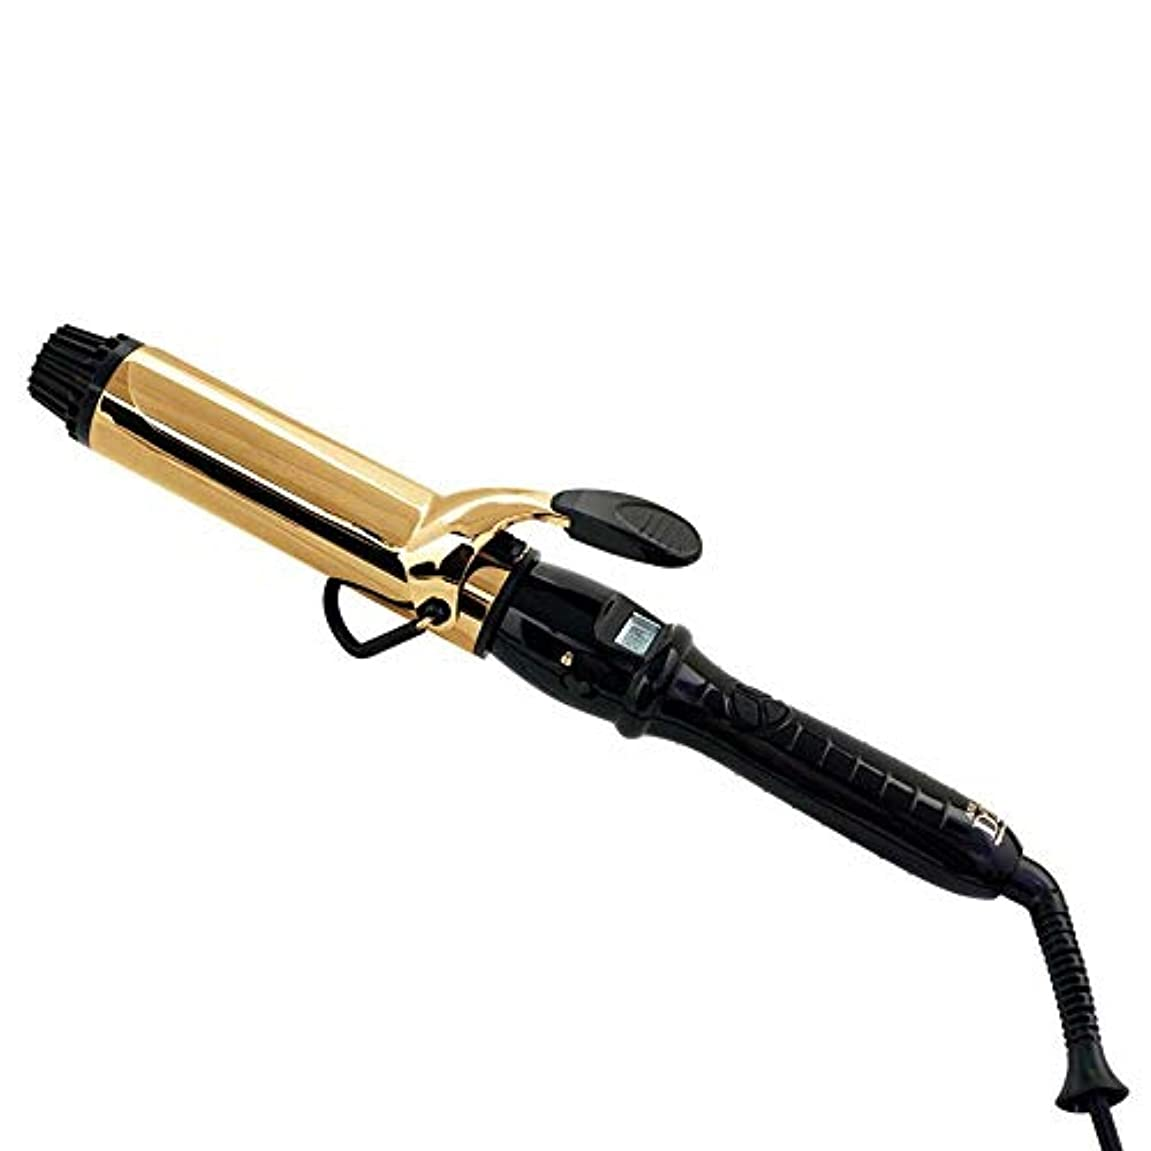 凝視行商人ひまわりトリコインダストリーズ D2アイロン ゴールドバレル 32mm 1台